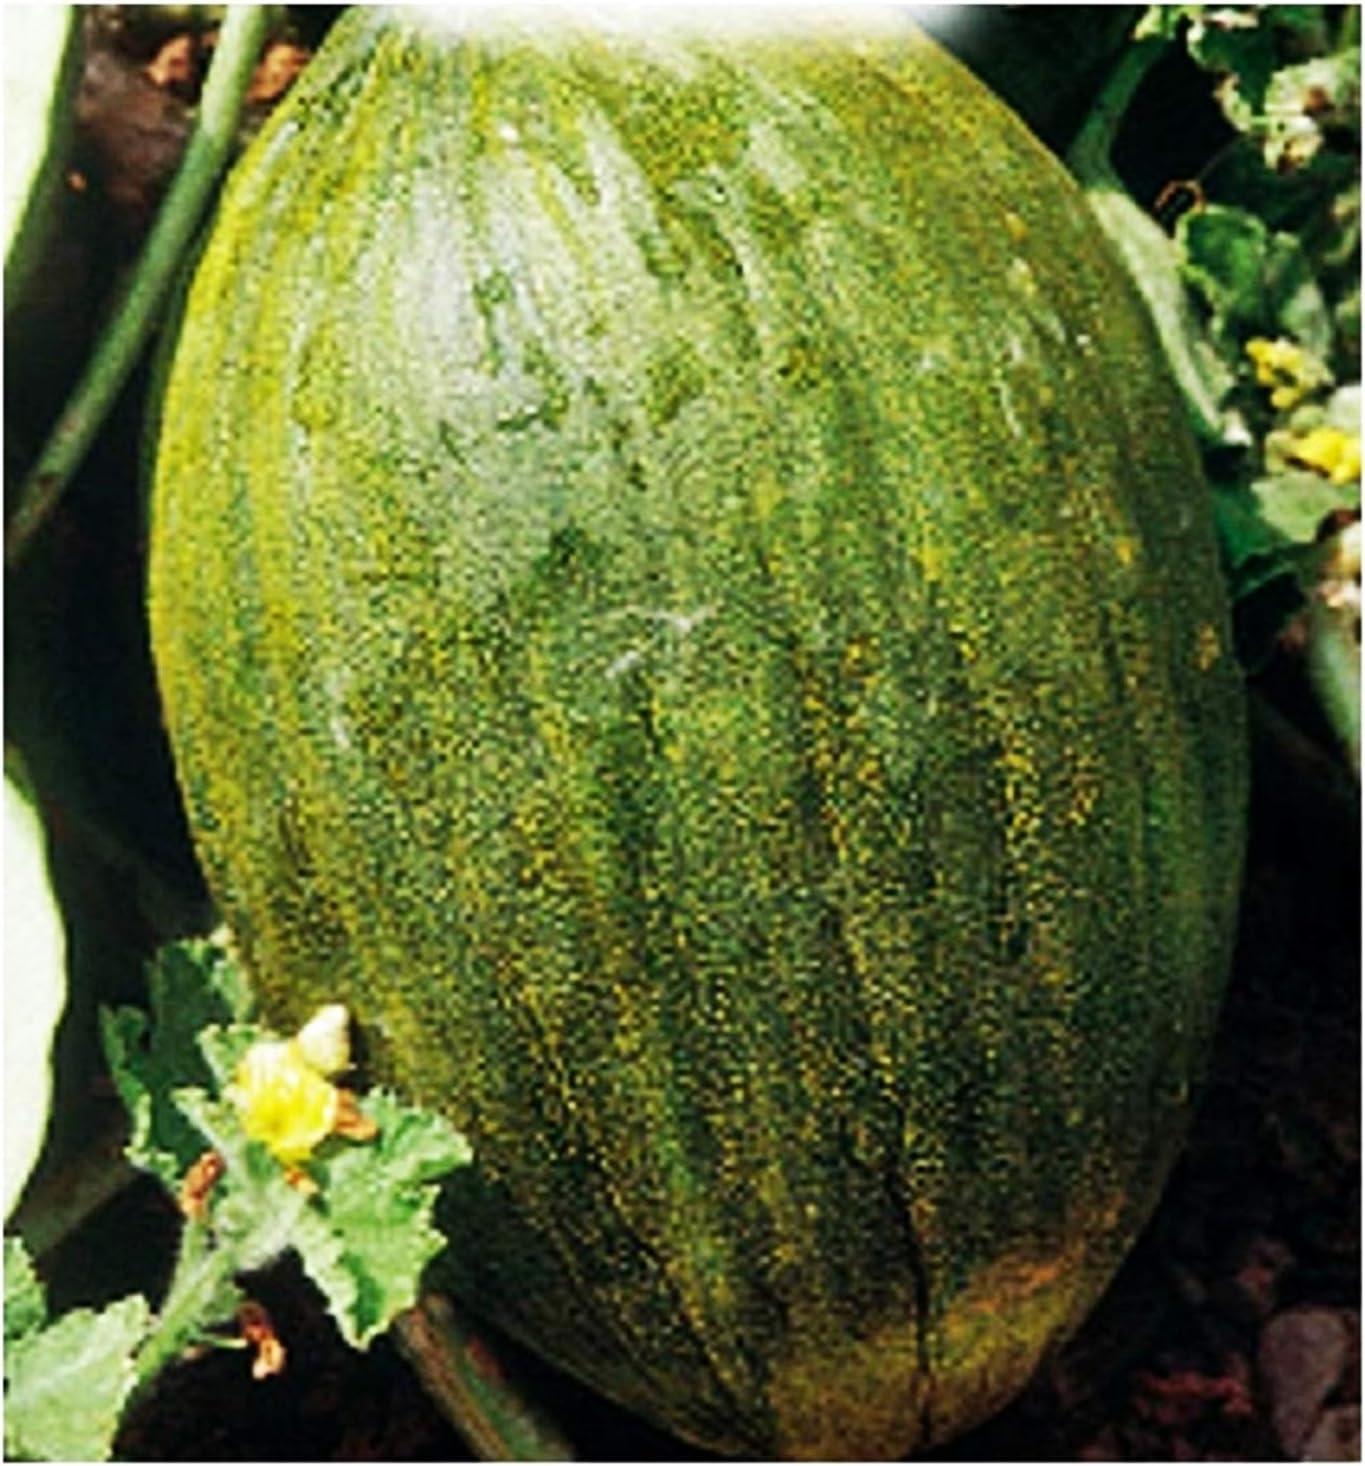 Semillas de melón valenciano temperano - verduras - cucumis melo - 90 semillas aproximadamente - las mejores semillas de plantas - flores - frutas raras - melones valencianos - idea de regalo original